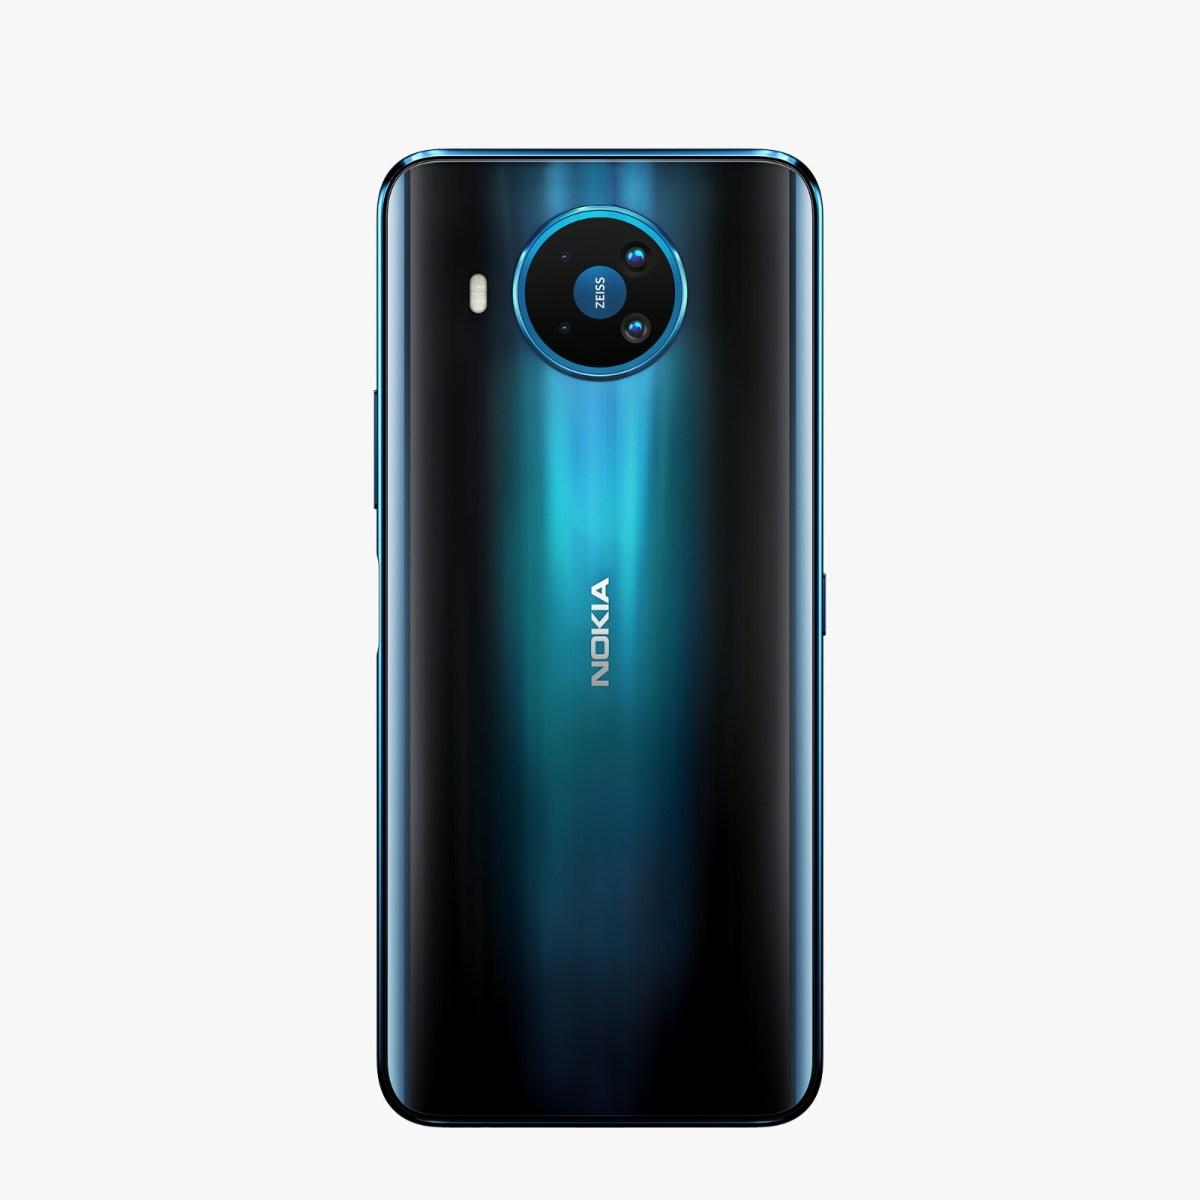 Nokia Mobile teases the soon arrival of Nokia 8.3 5G - Nokiamob